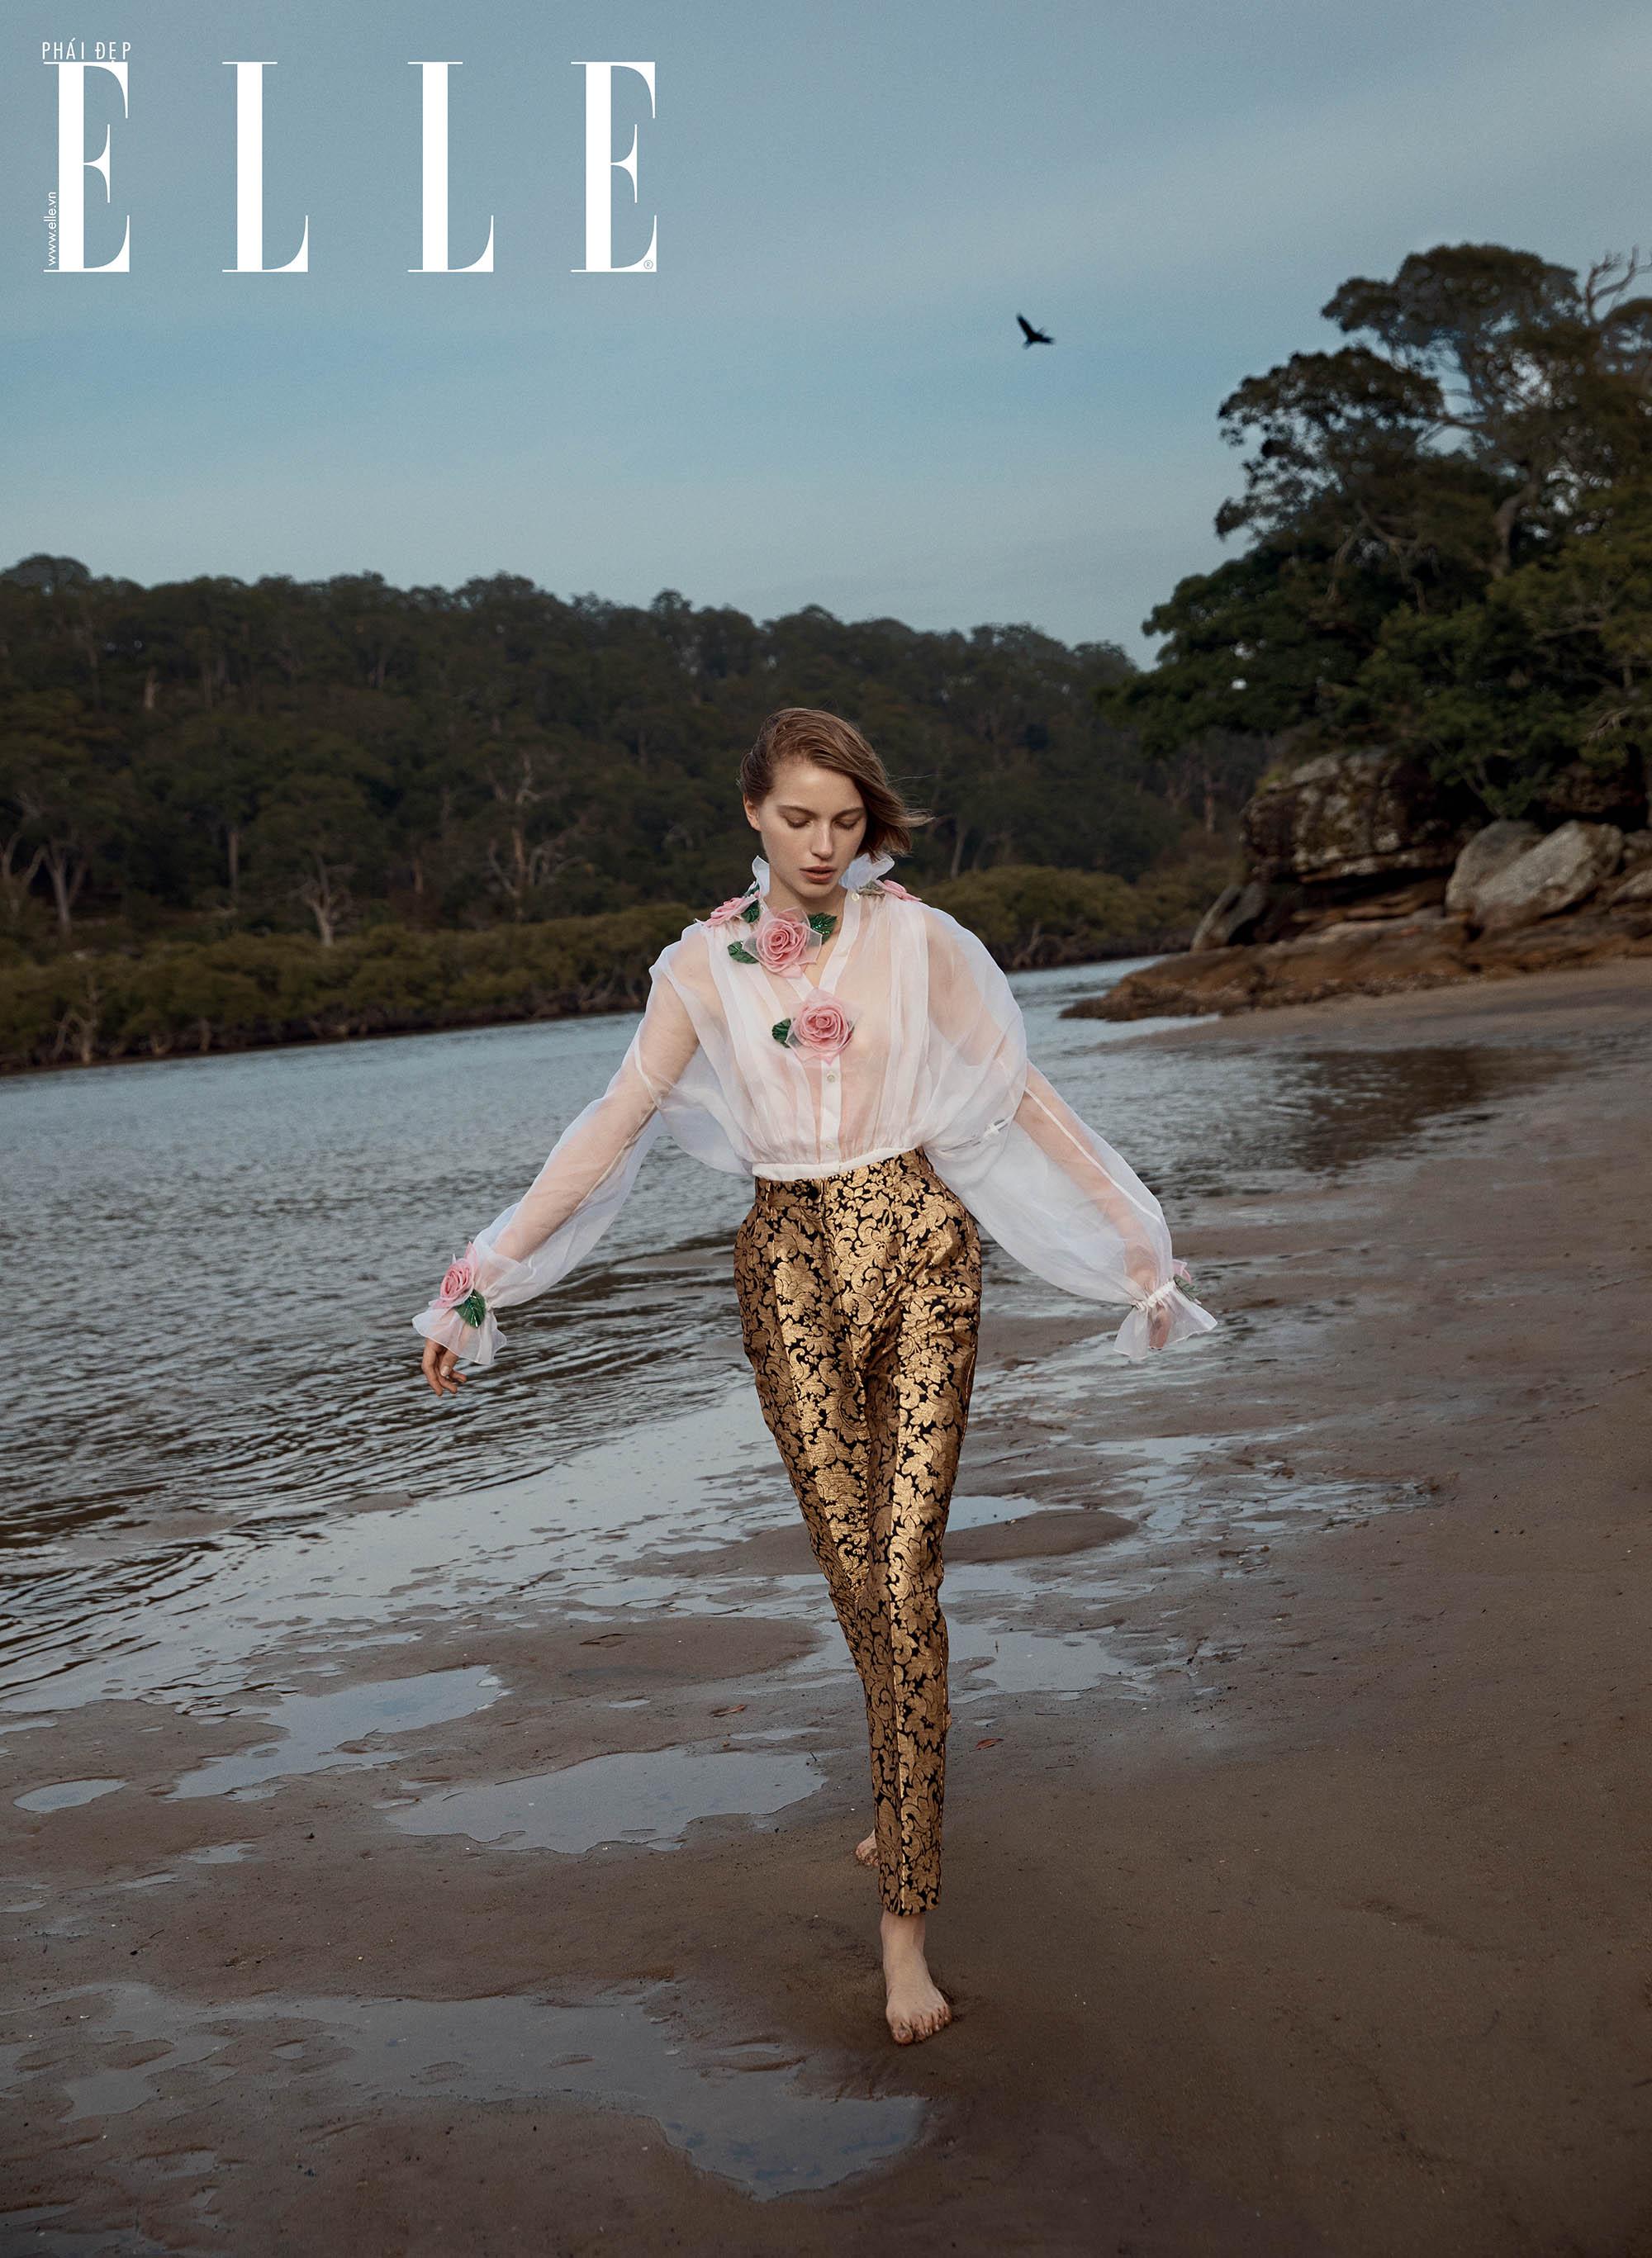 bộ ảnh cô gái mặc áo hoa đi dạo bên bờ cát